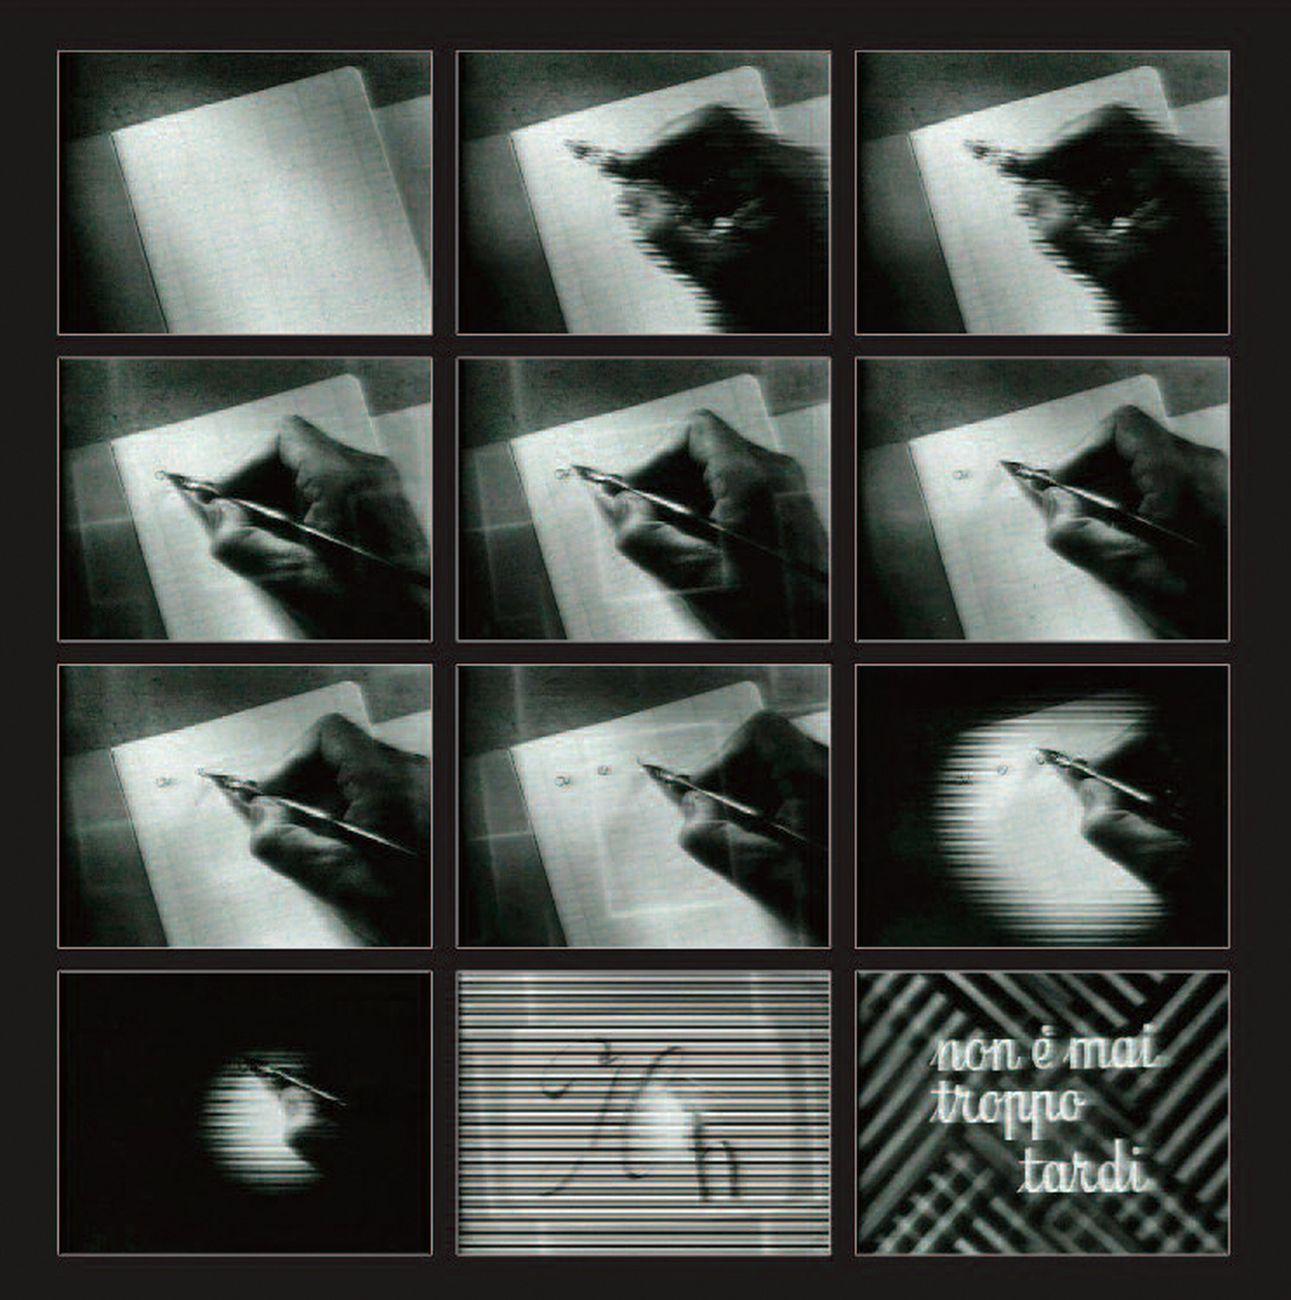 Mario Sasso, Non è mai troppo tardi, 1969, sigla